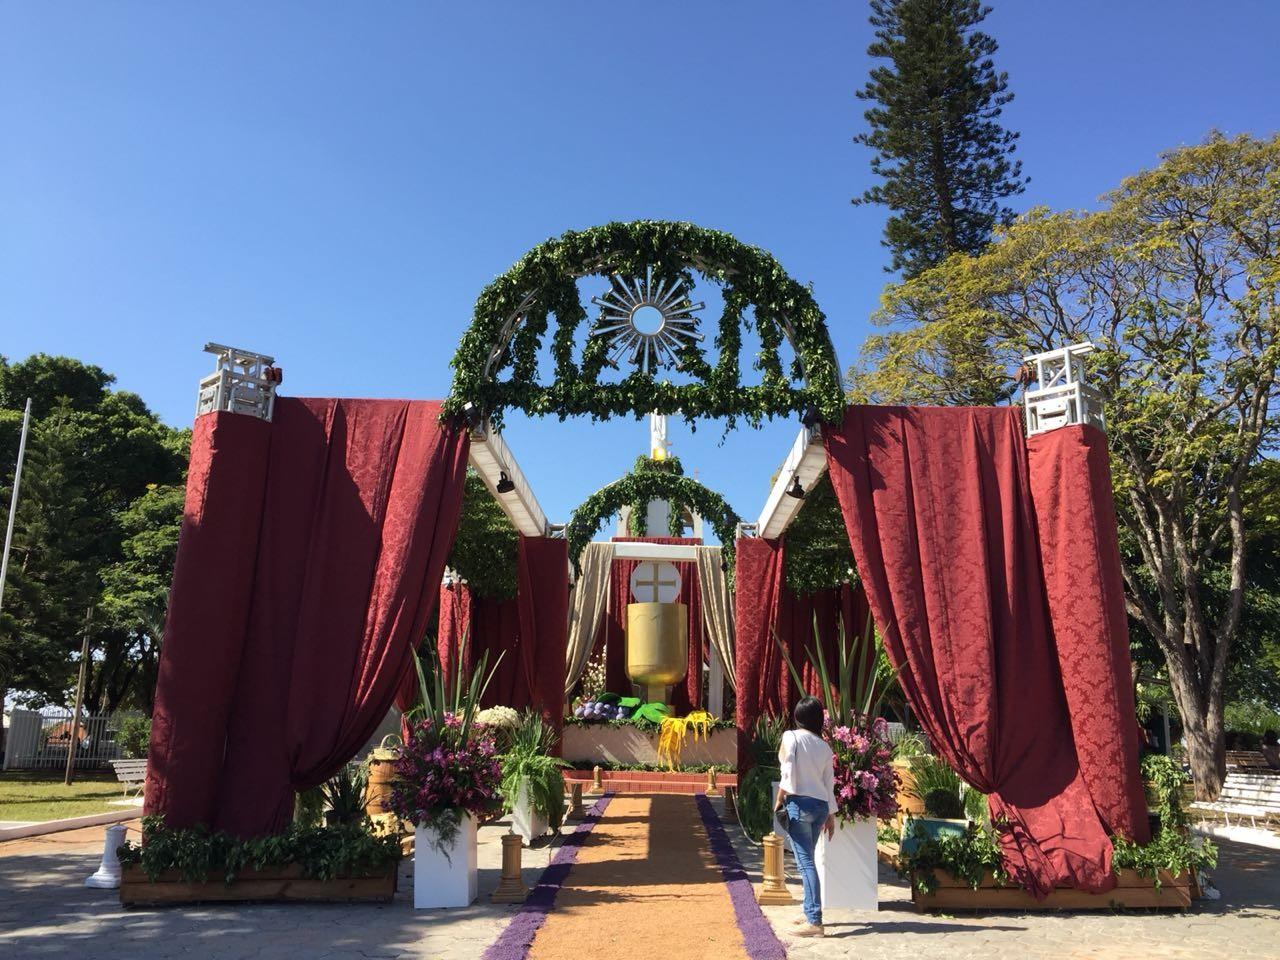 Piquerobi cancela tradicional festa de Corpus Christi devido à Covid-19